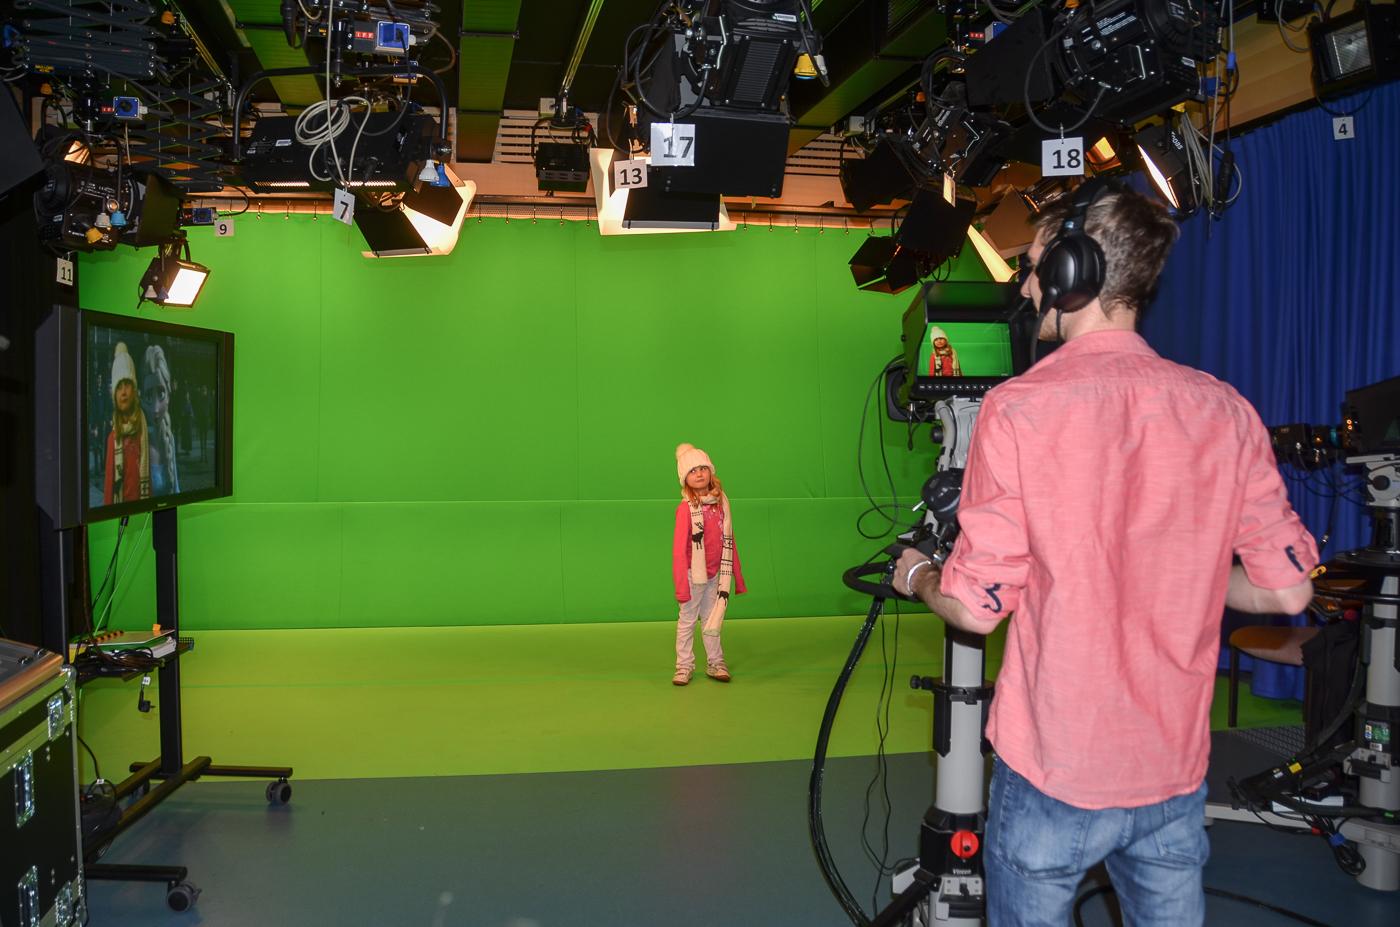 Der Monitor links hilft den Darstellern, mit dem Hintergrund zu interagieren.